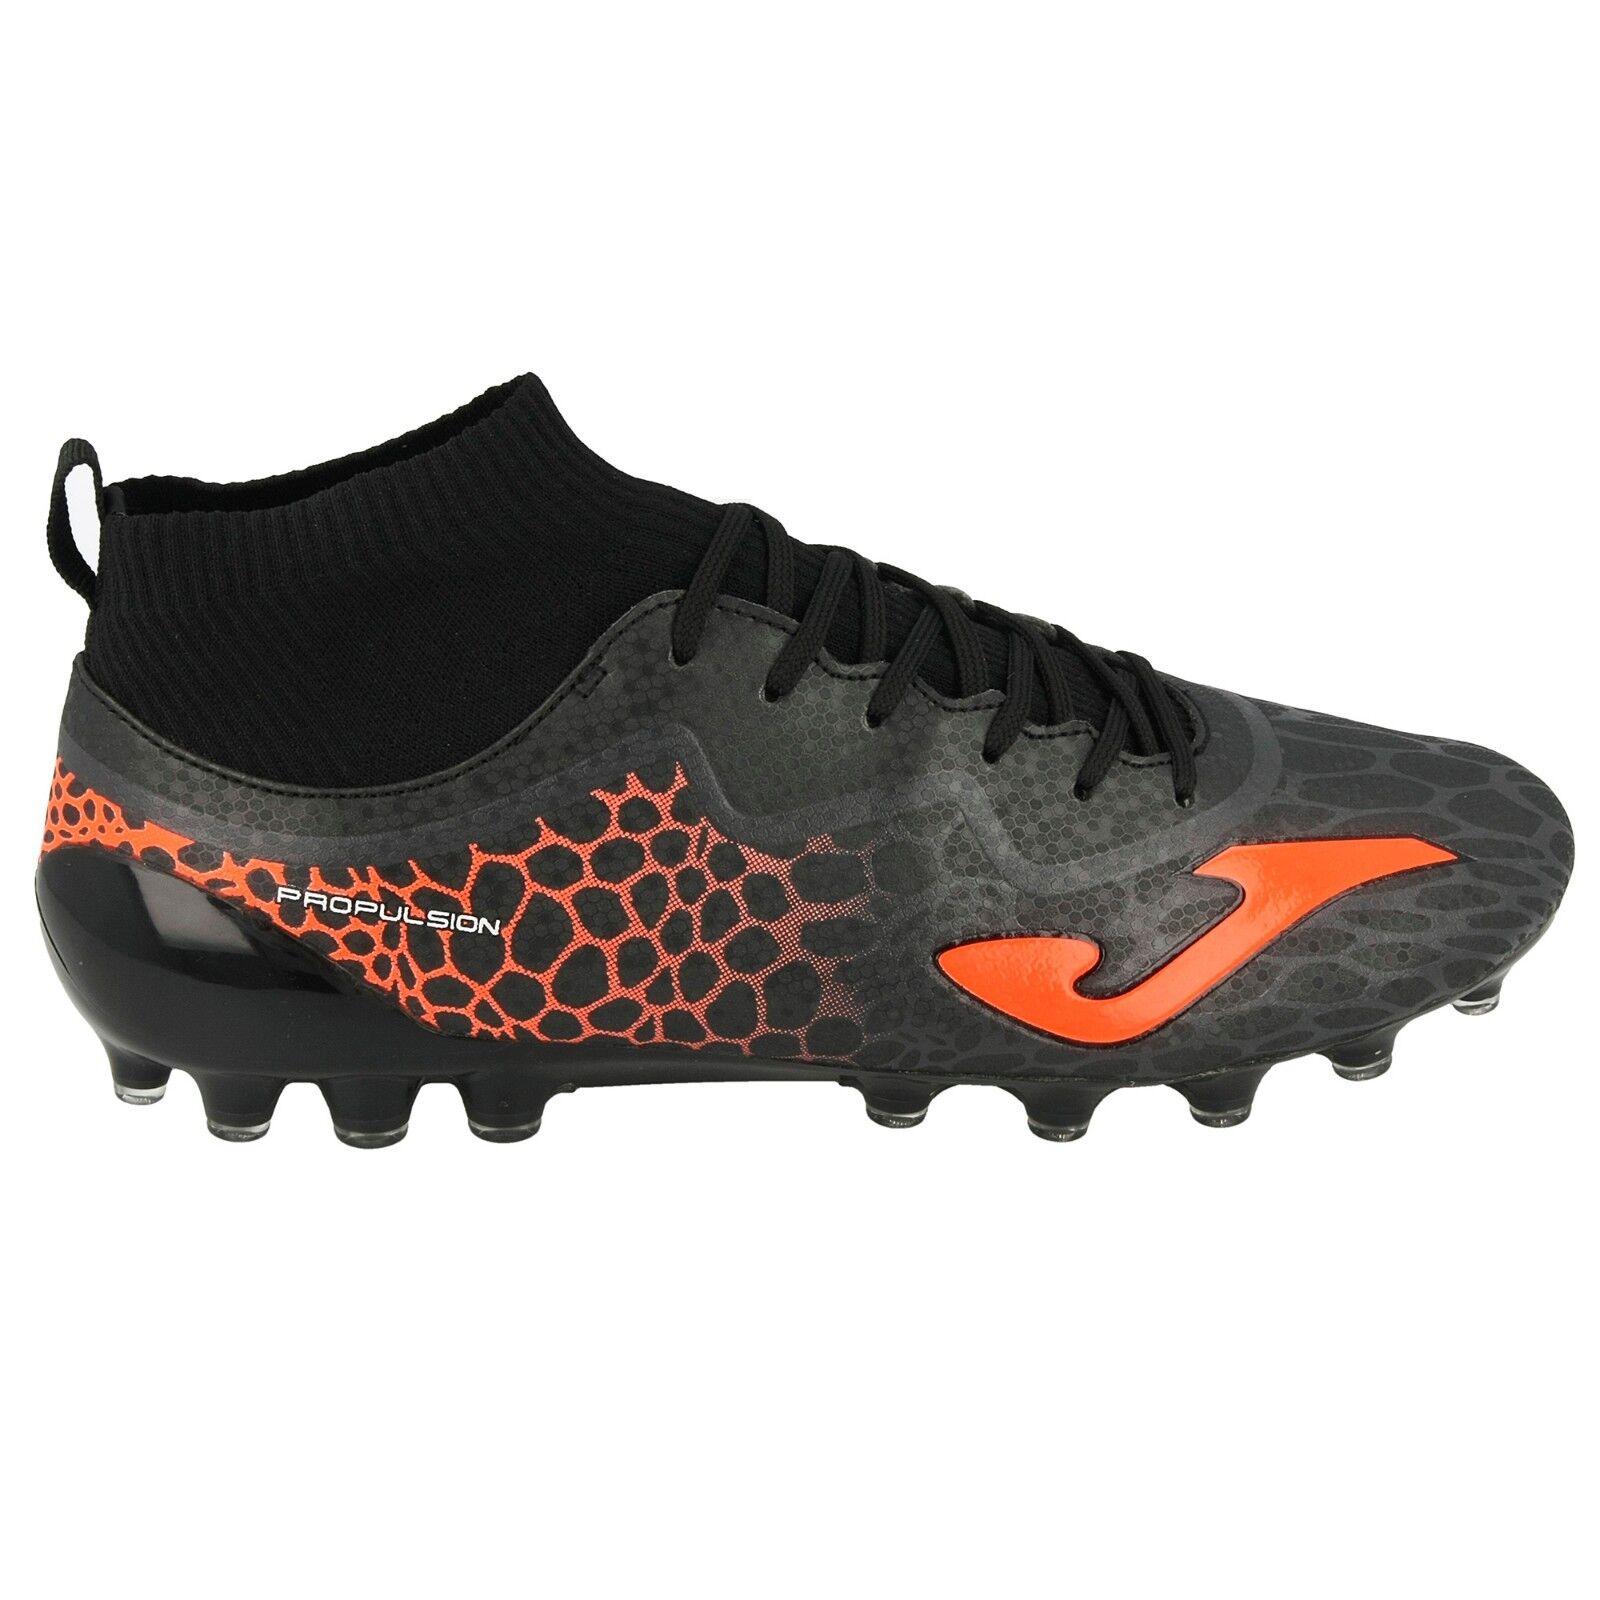 Joma zapatos Calcio hombres - Propulsion 4.0 801 negro Artificial Grass